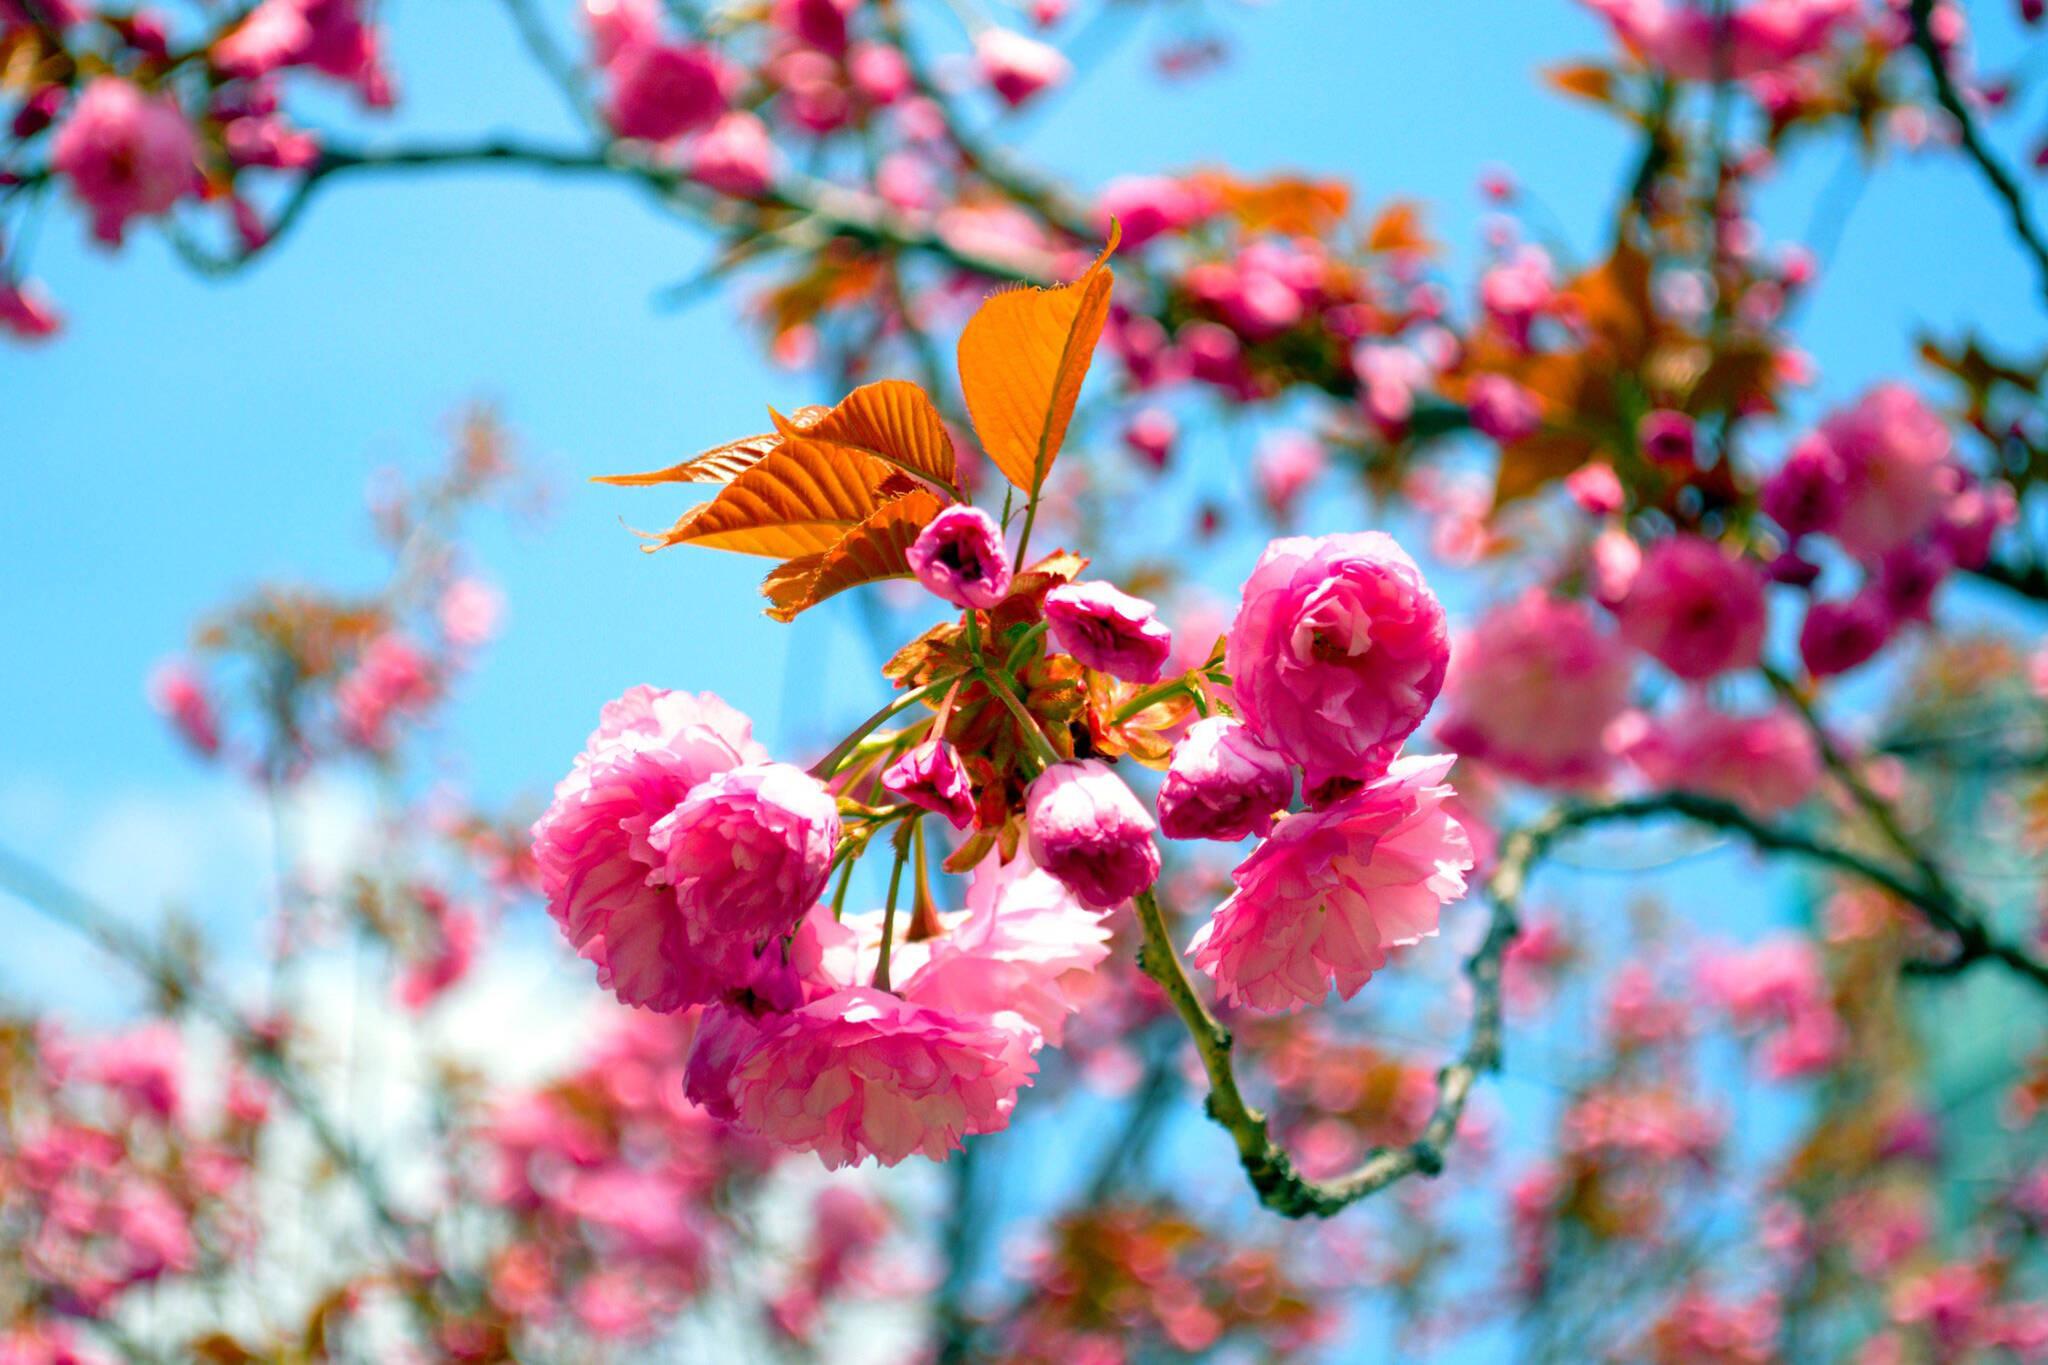 kariya park cherry blossoms